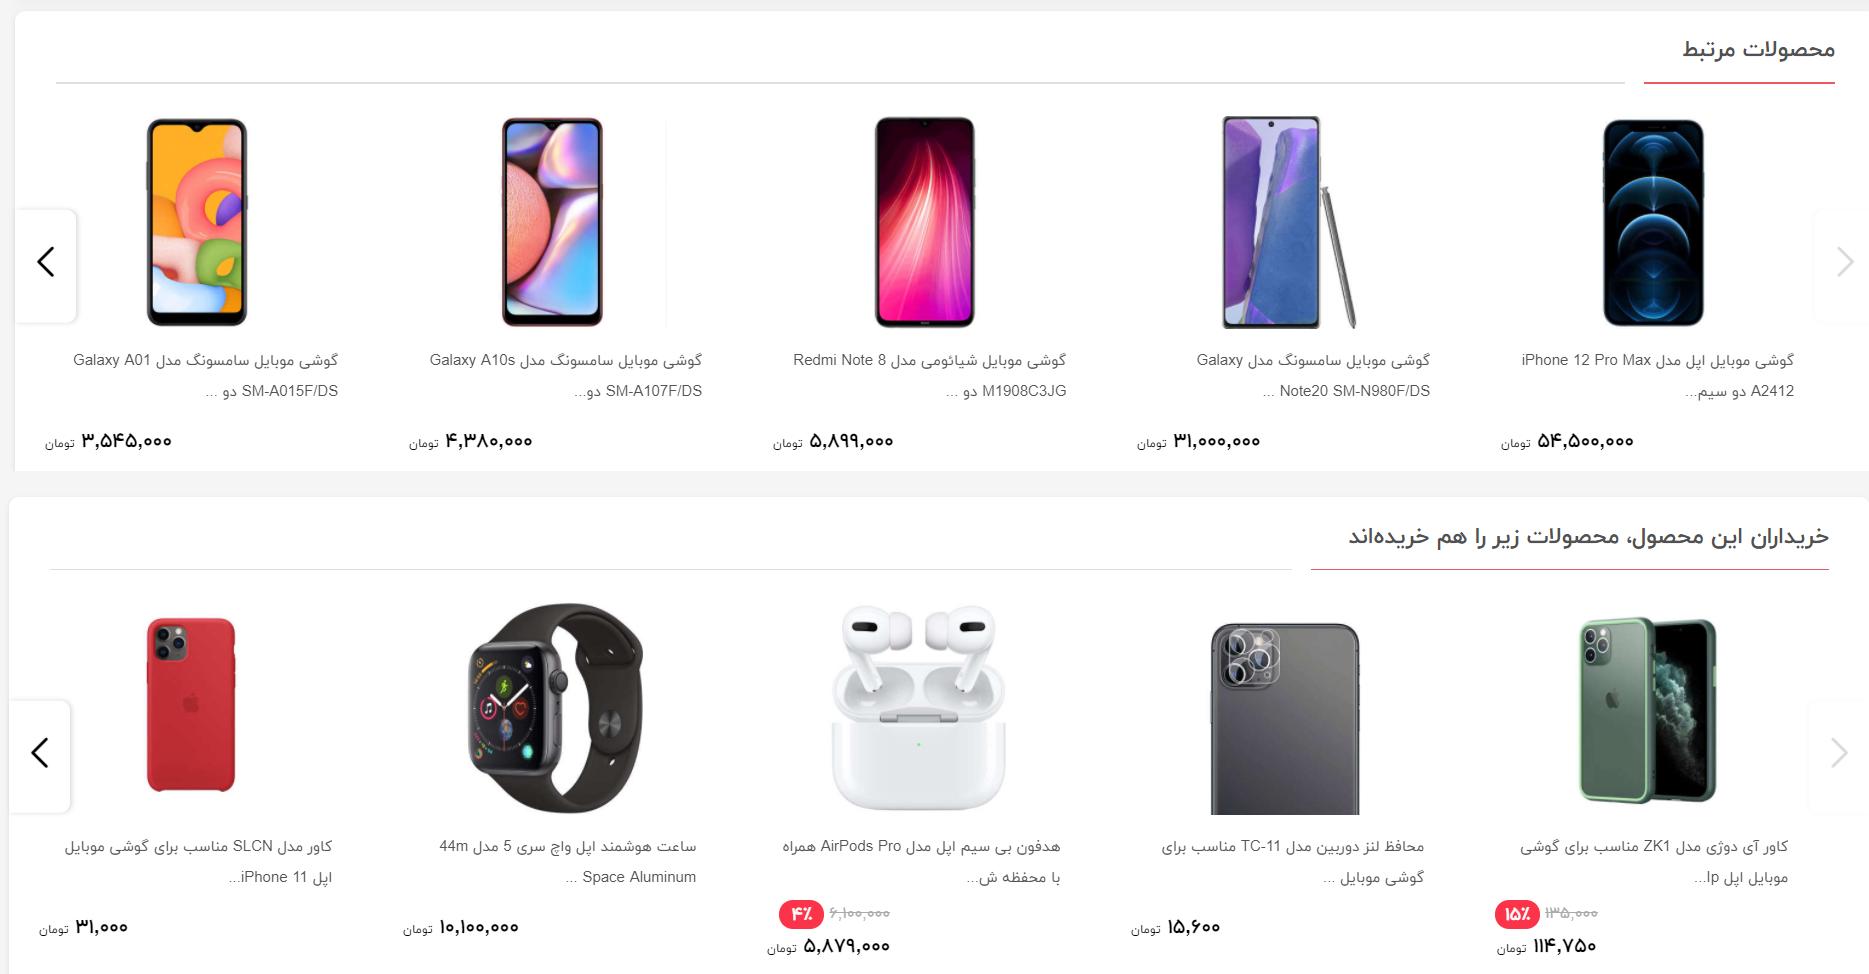 پیشنهاد محصولات مناسب به مشتری برای خرید